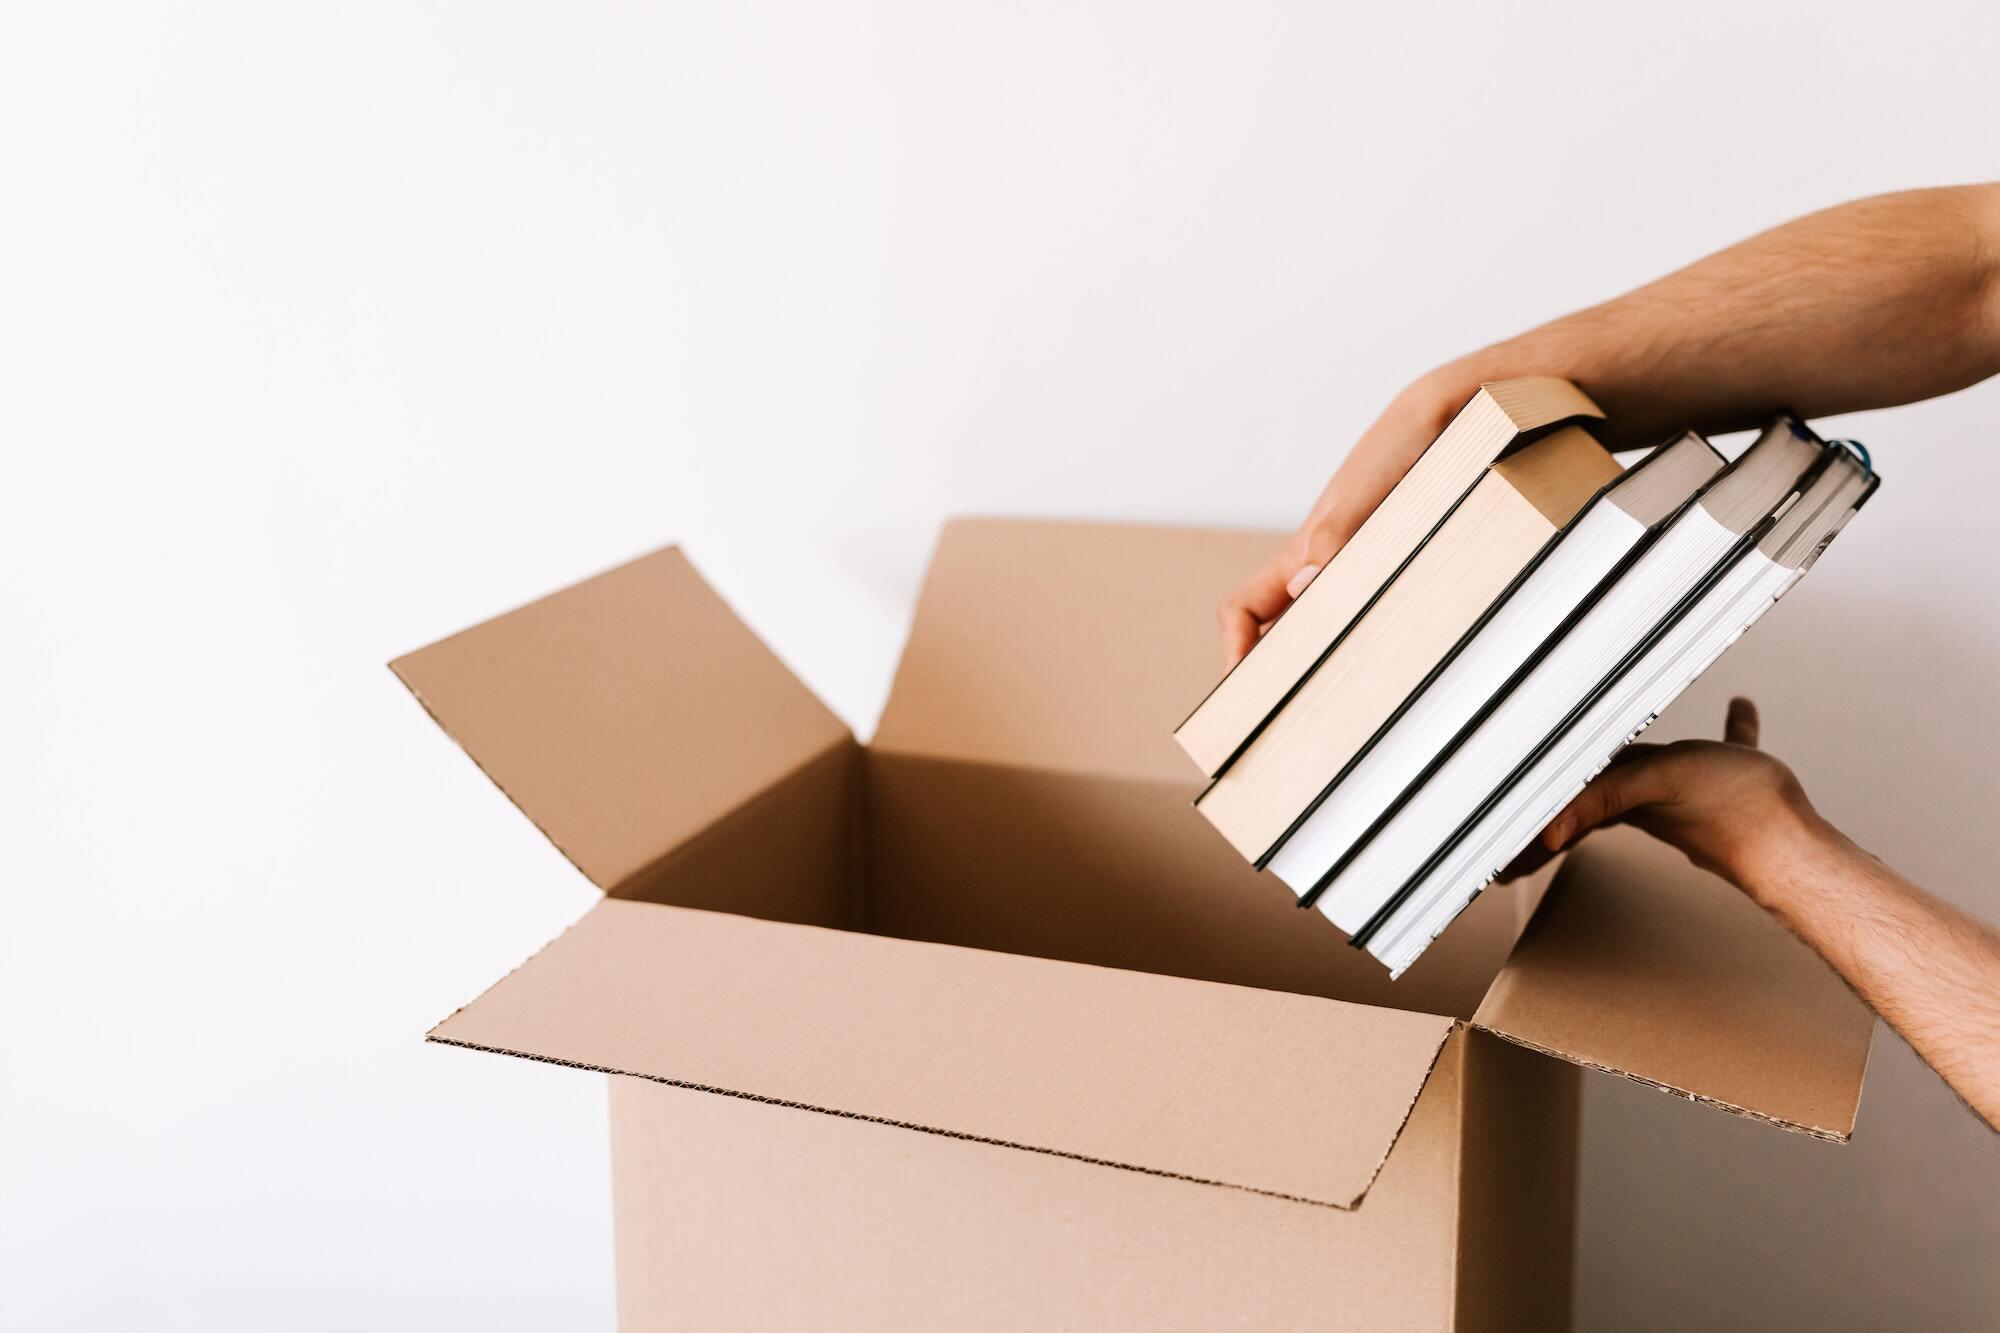 Calculer le nombre de cartons nécessaires